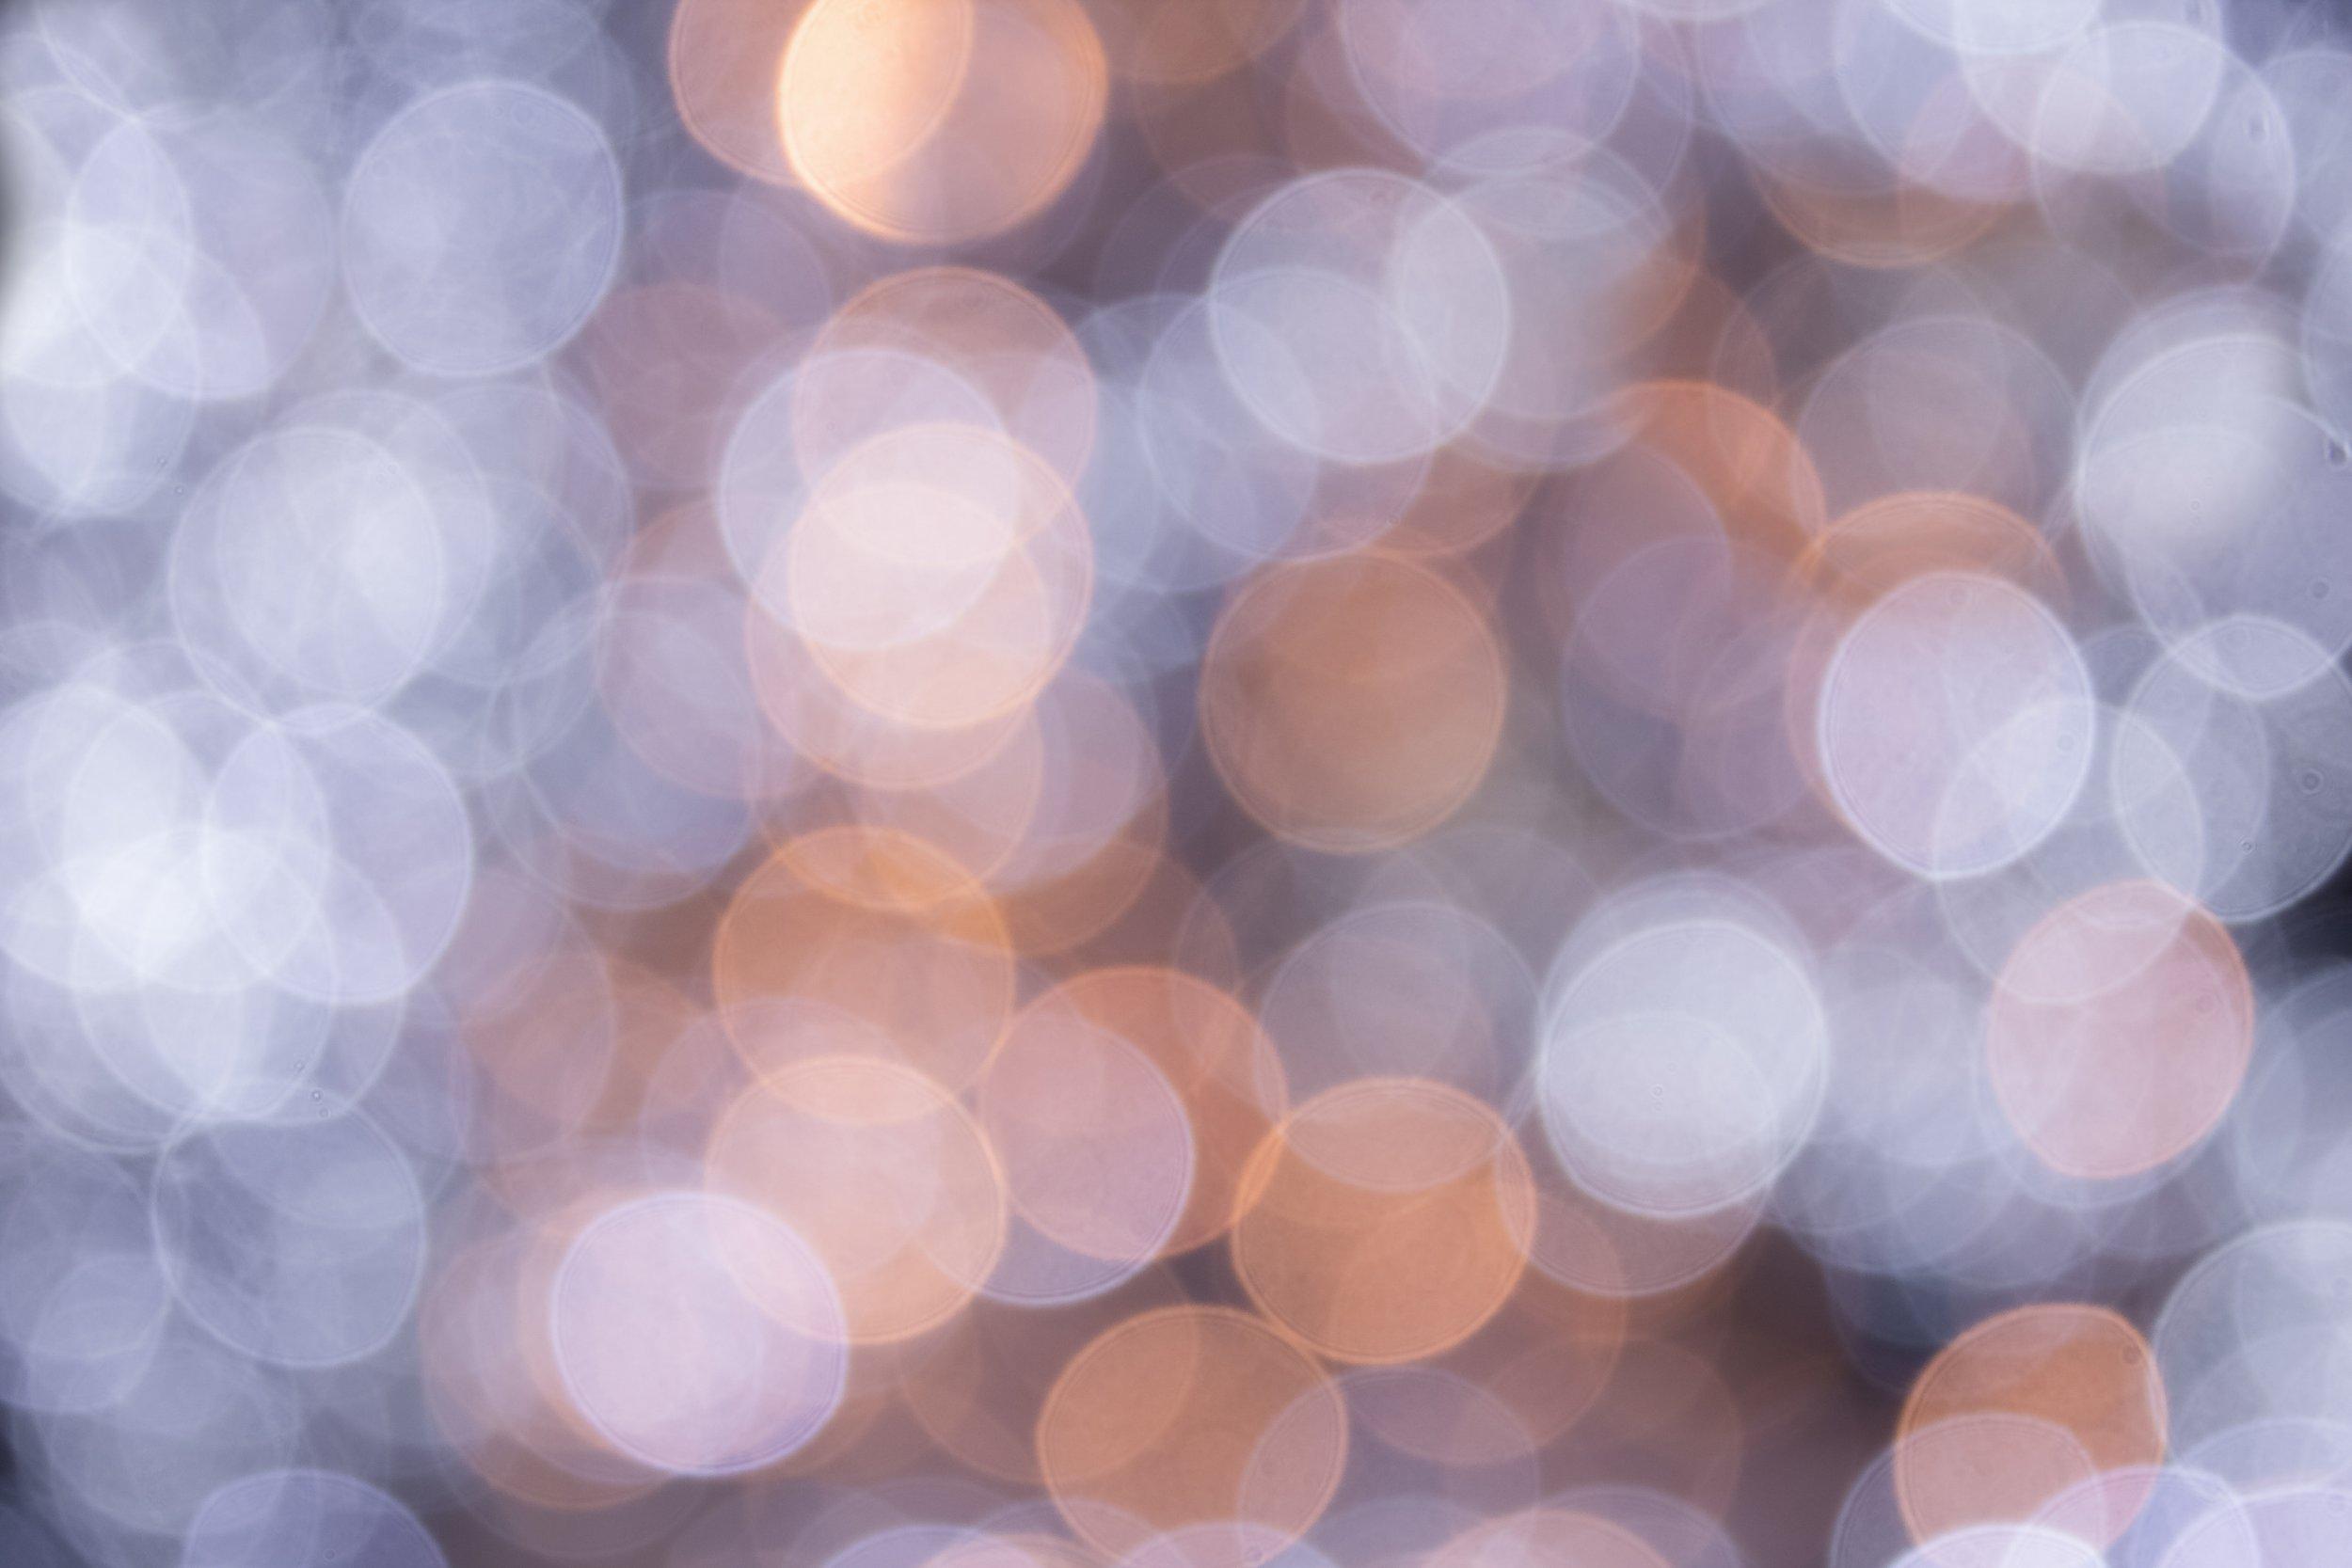 abstract-art-blur-301664.jpg